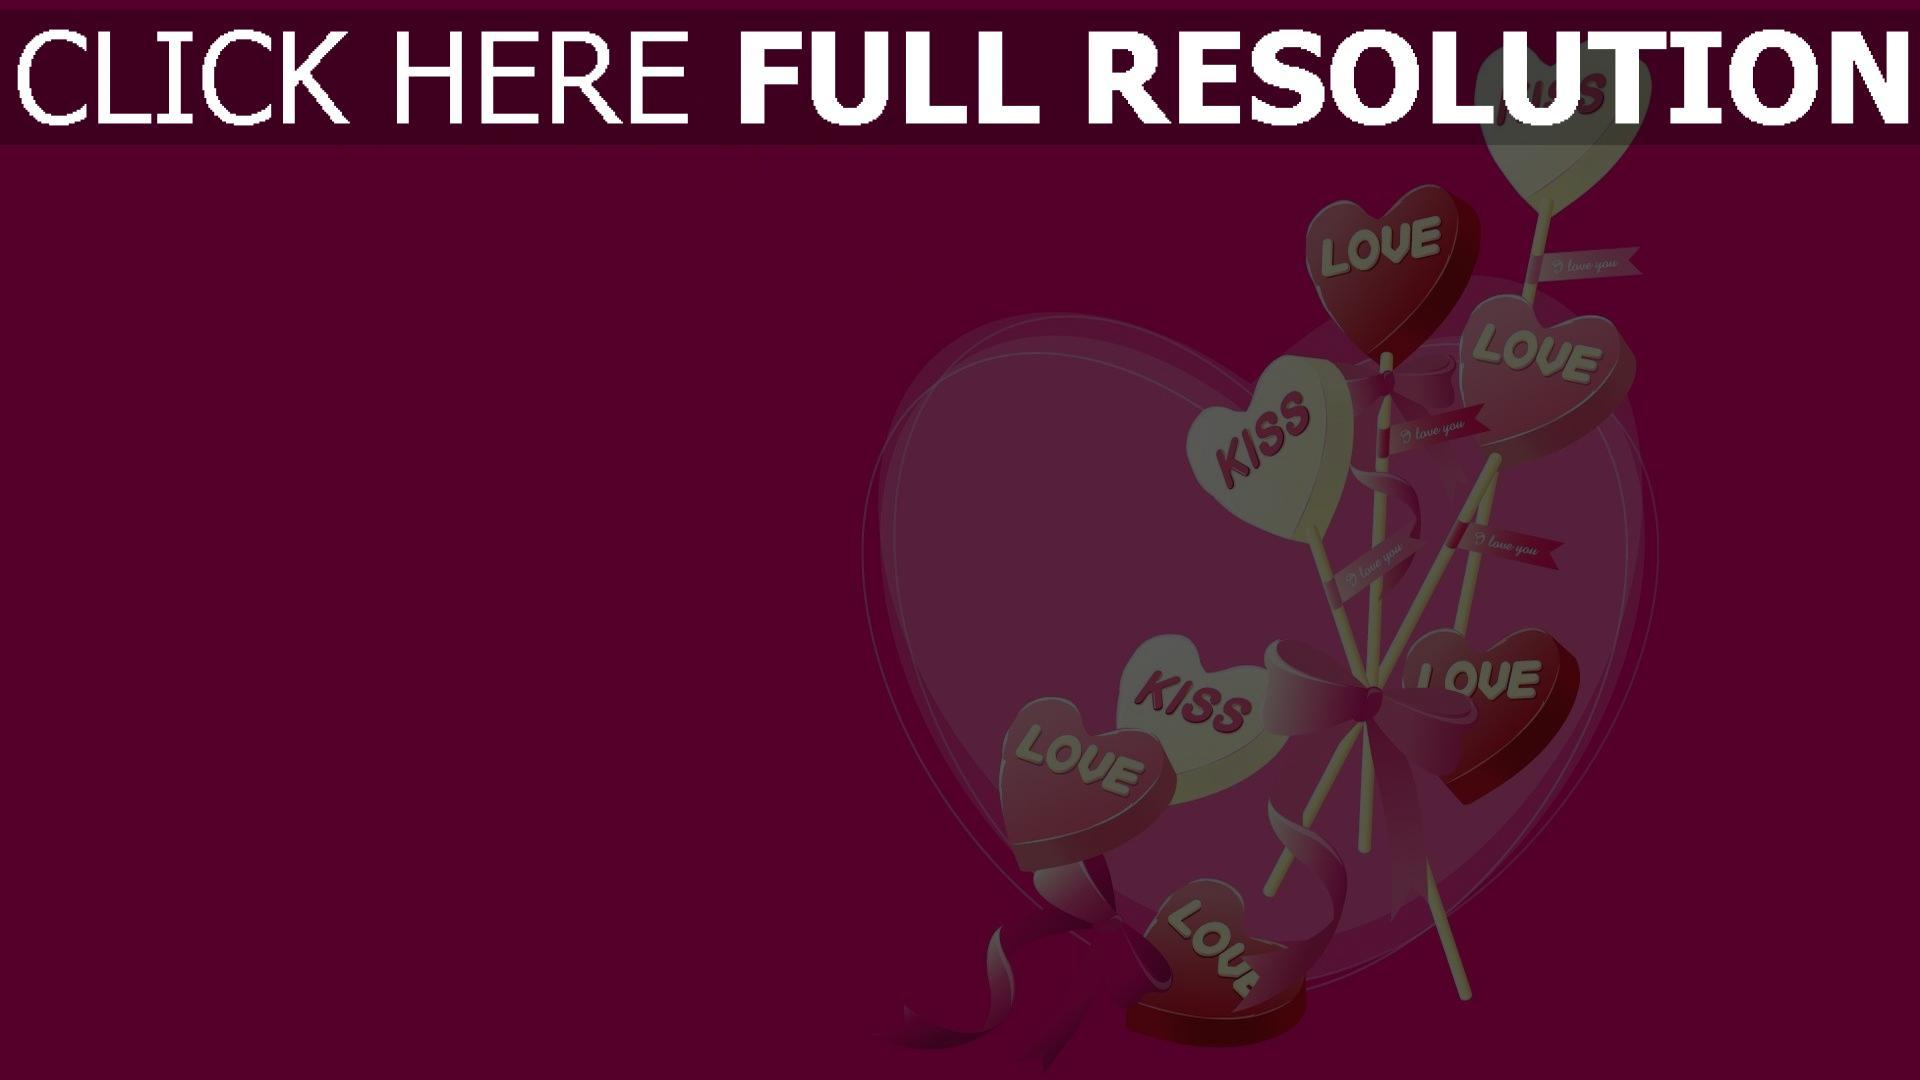 Hd Hintergrundbilder Valentinstag Herzen Formen Rosa Glückwünsche 1920x1080